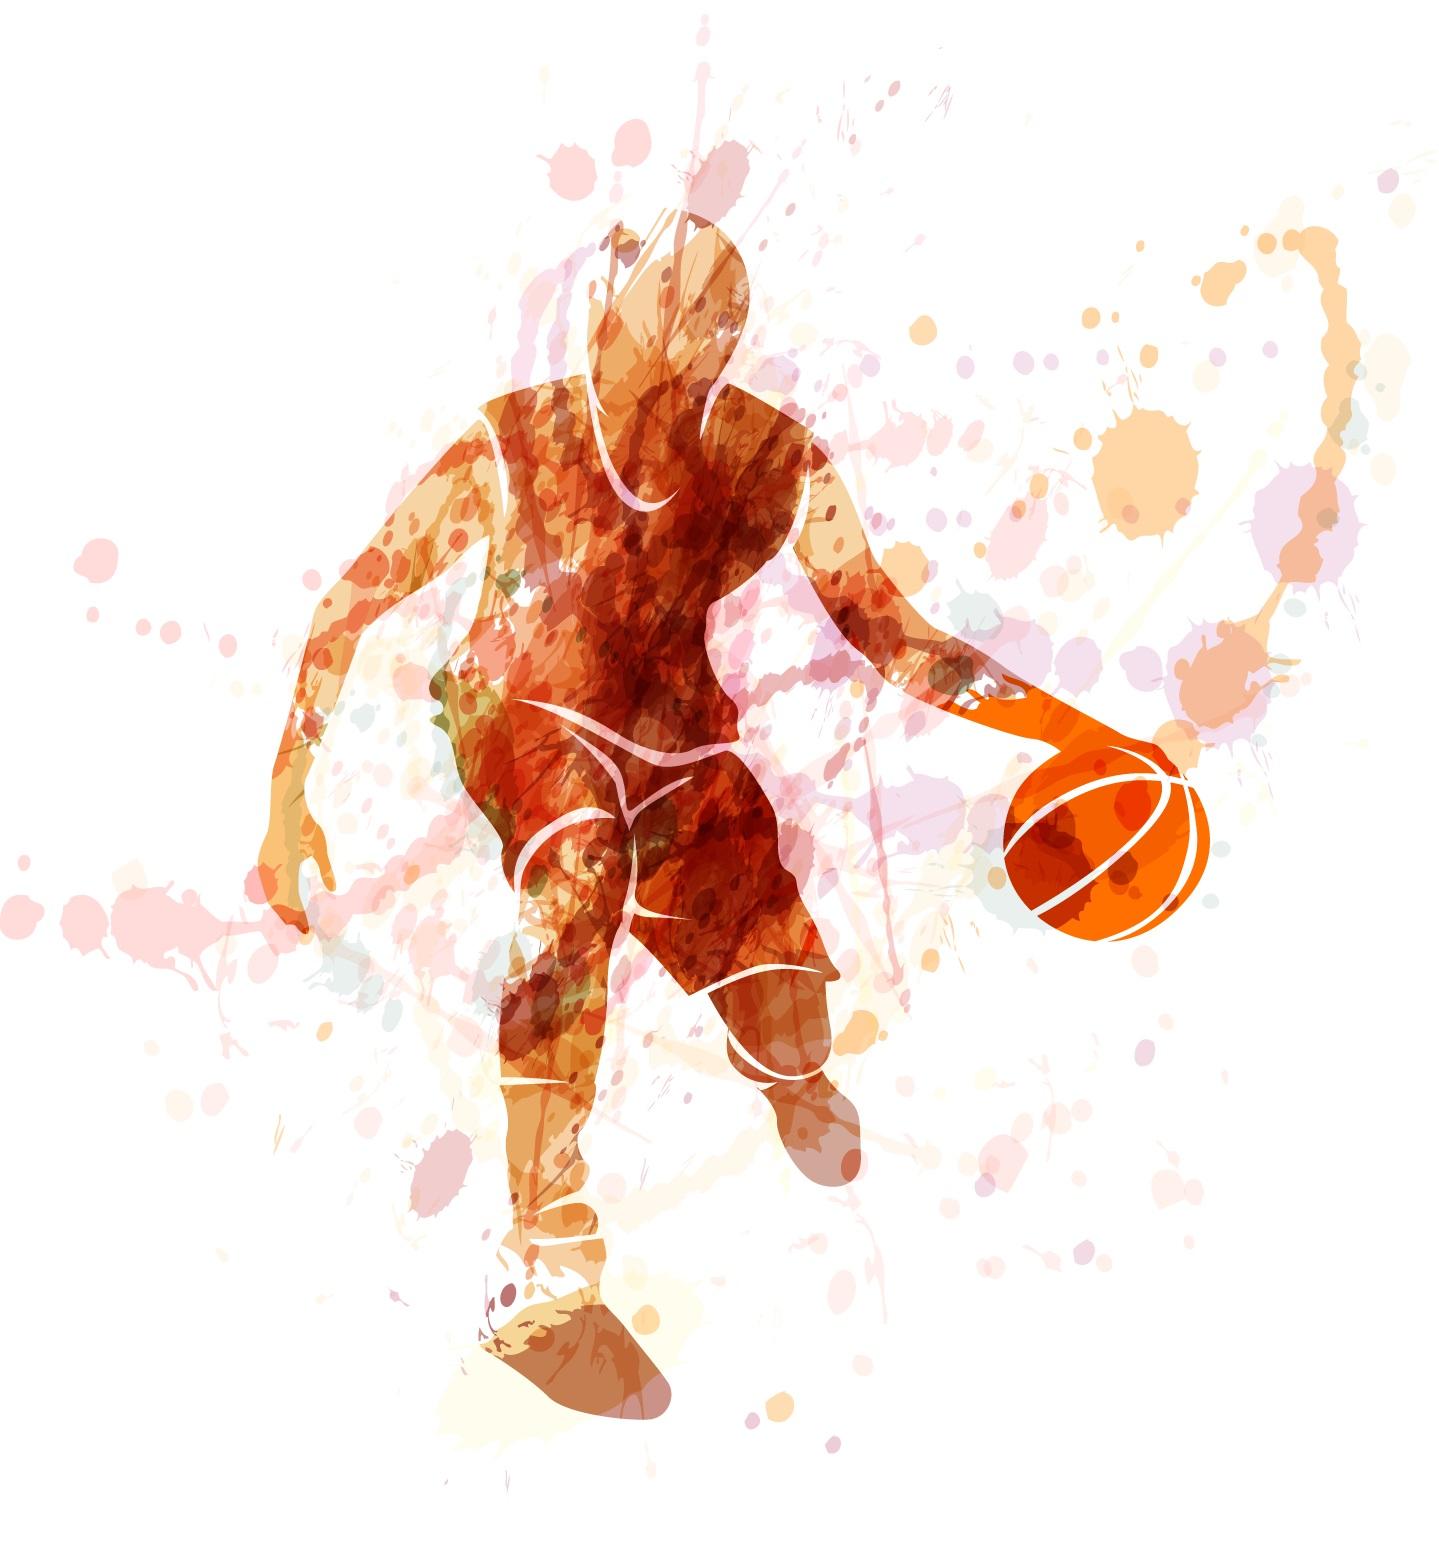 donato avenia pallacanestro colleferro